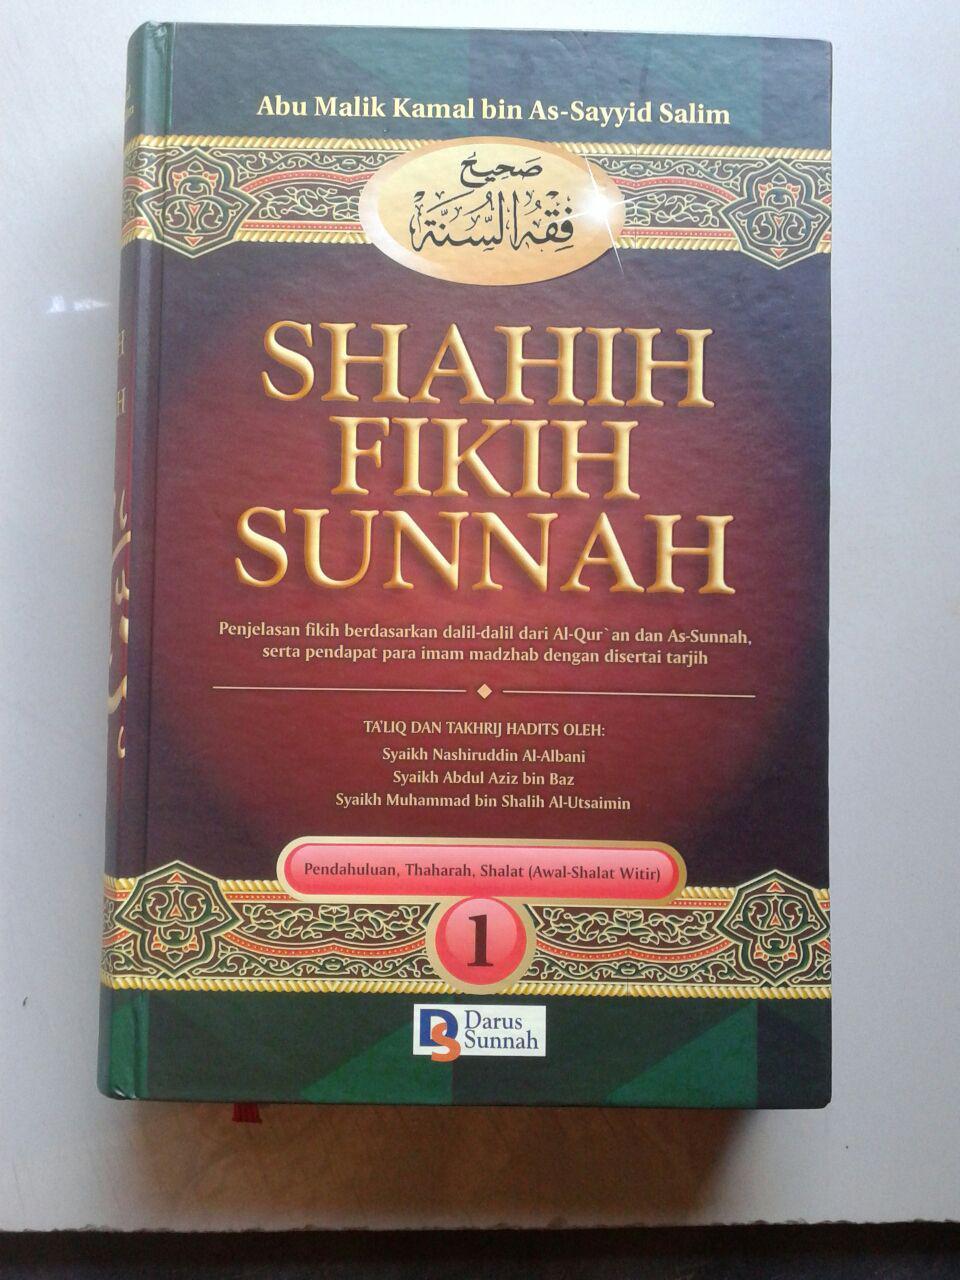 Buku Shahih Fikih Sunnah Penjelasan Fikih Berdasarkan Quran Dan Sunnah cover 2